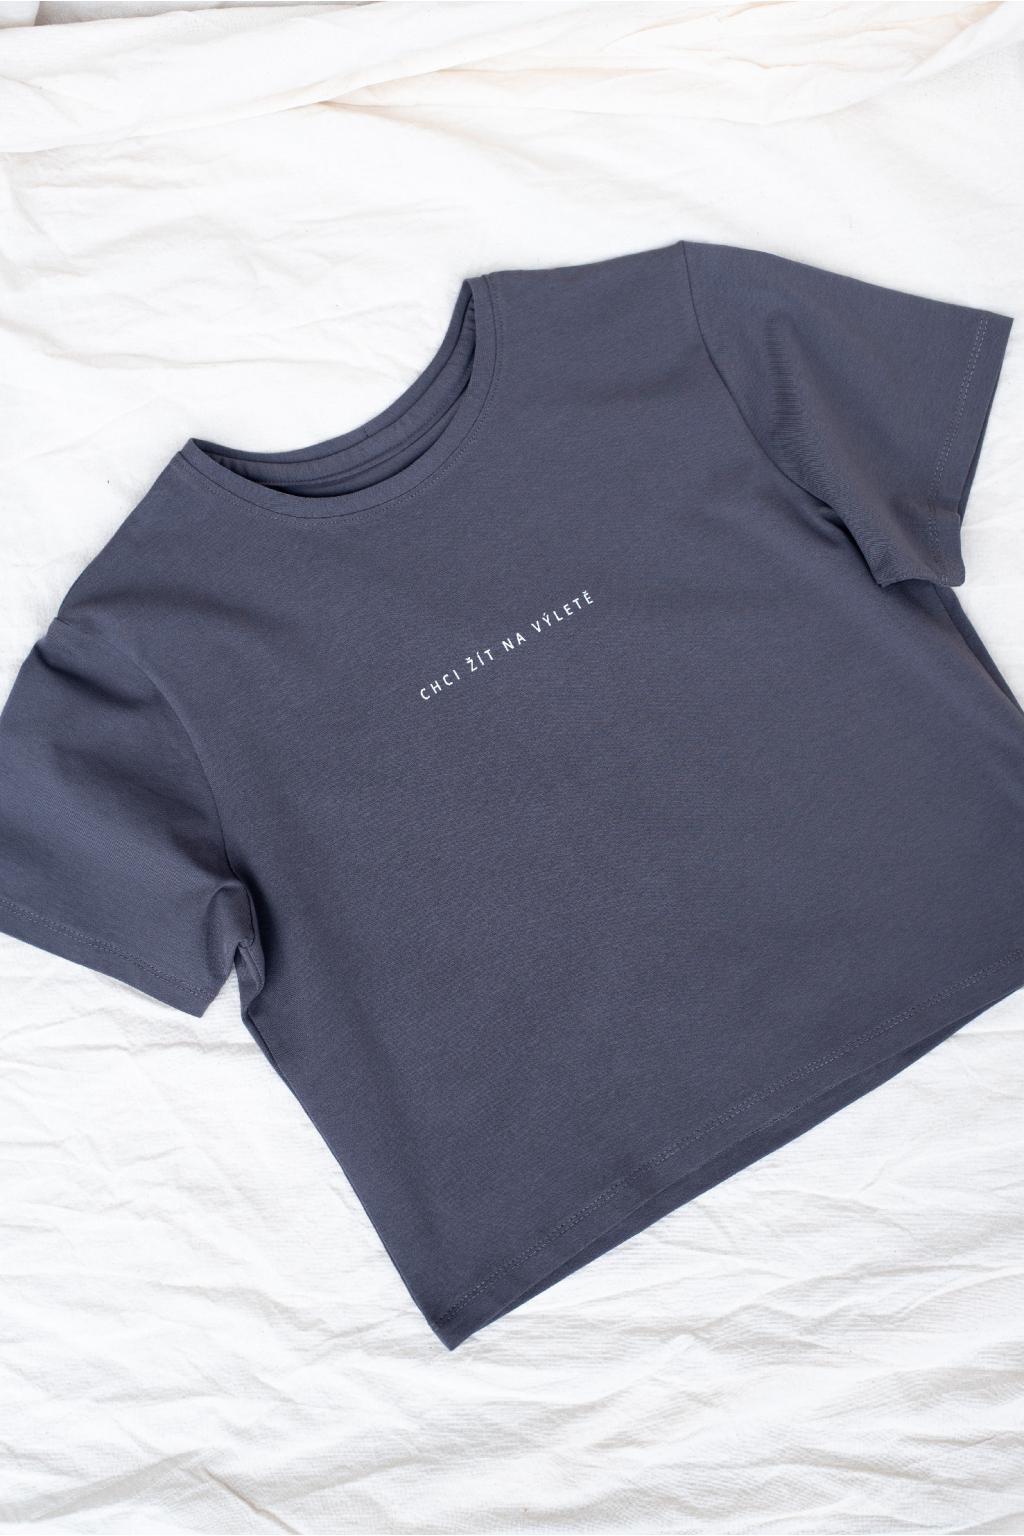 Tričko KOUSEK Chci žít na výletě